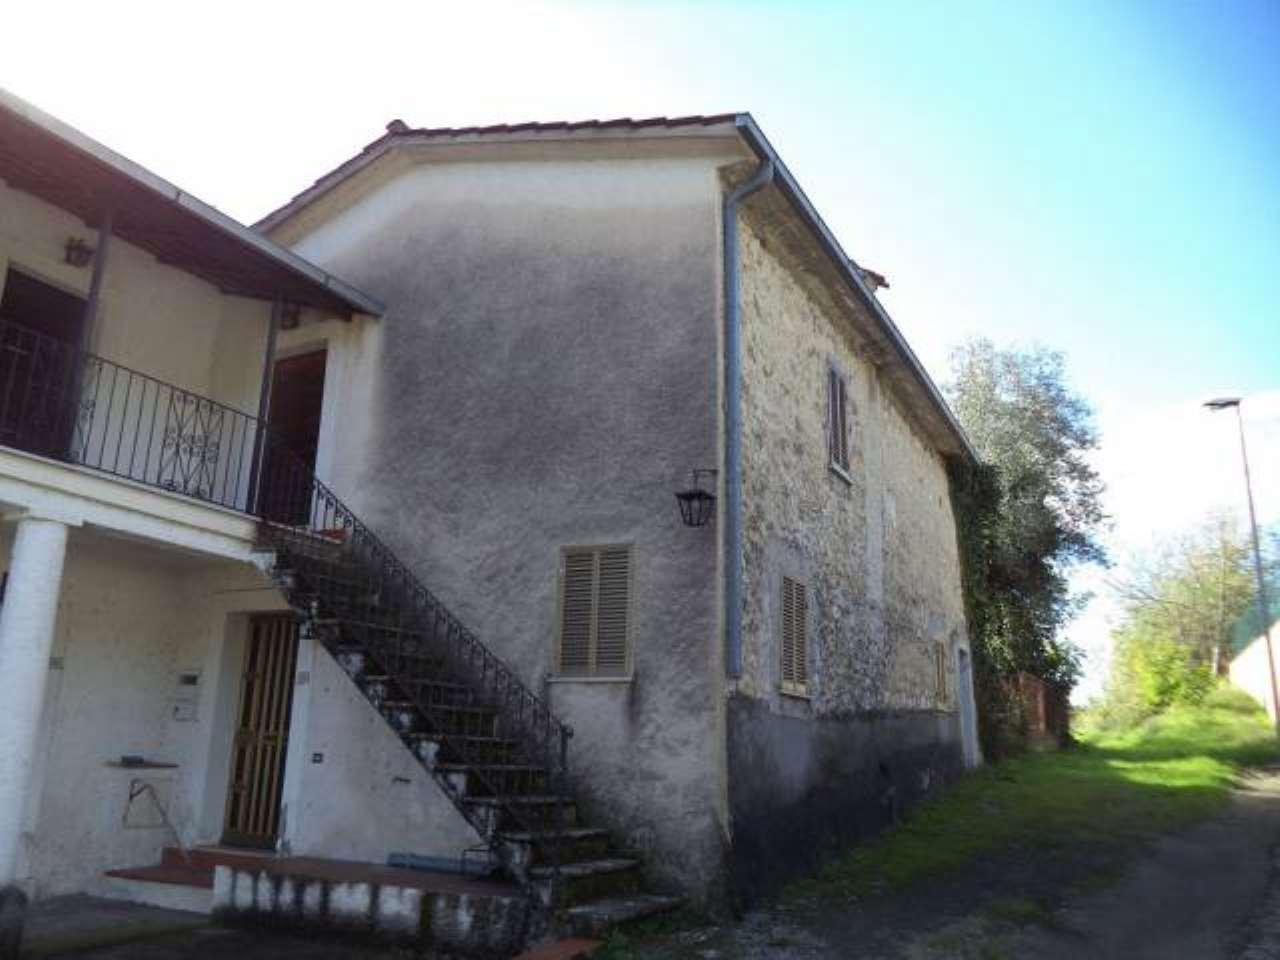 Villa in vendita a Colfelice, 2 locali, prezzo € 48.000 | CambioCasa.it